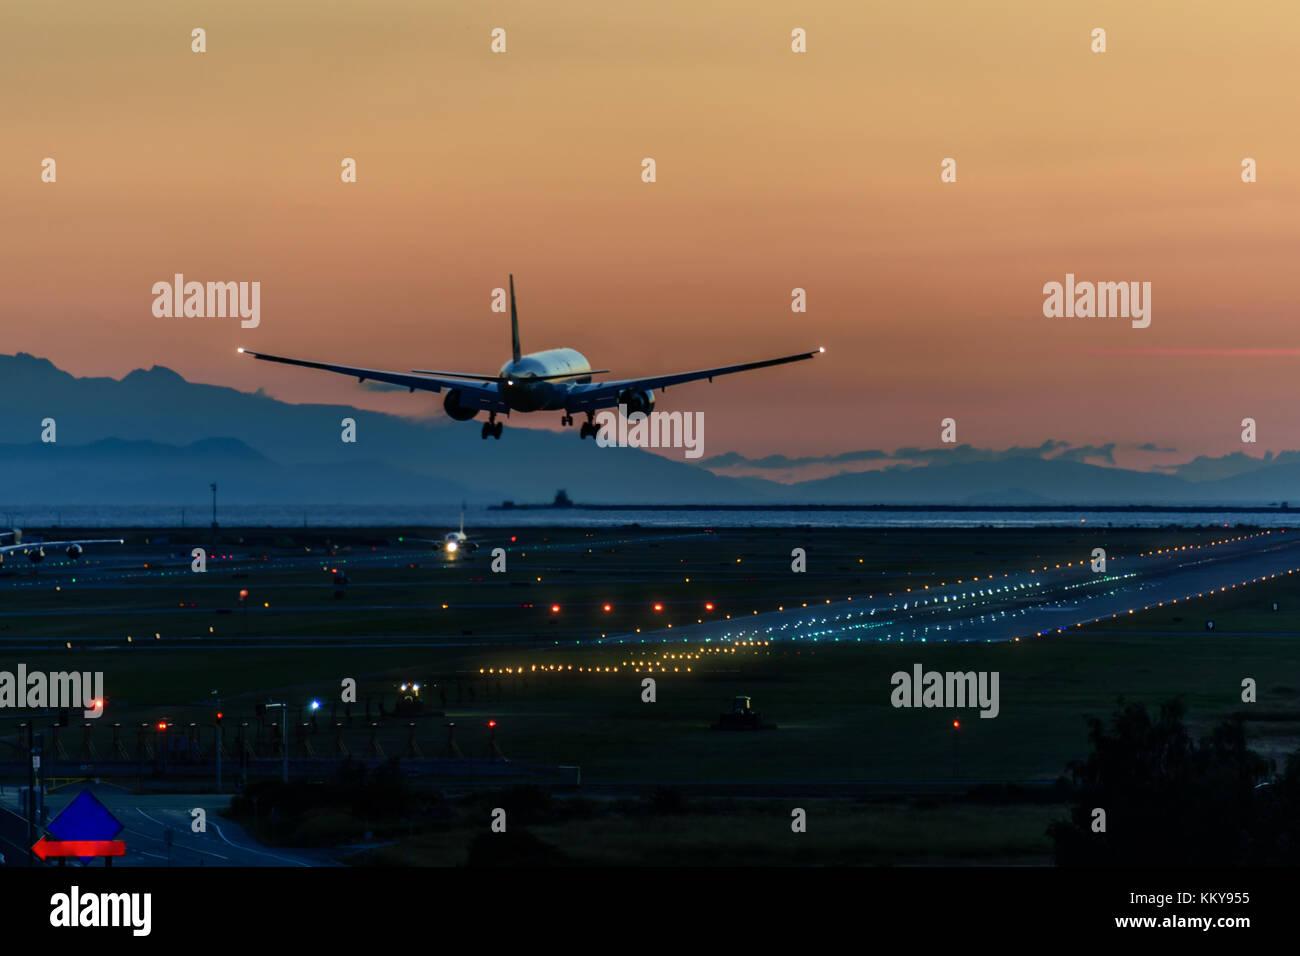 Un bellissimo atterraggio di un aereo sulla pista di un aeroporto moderno Immagini Stock